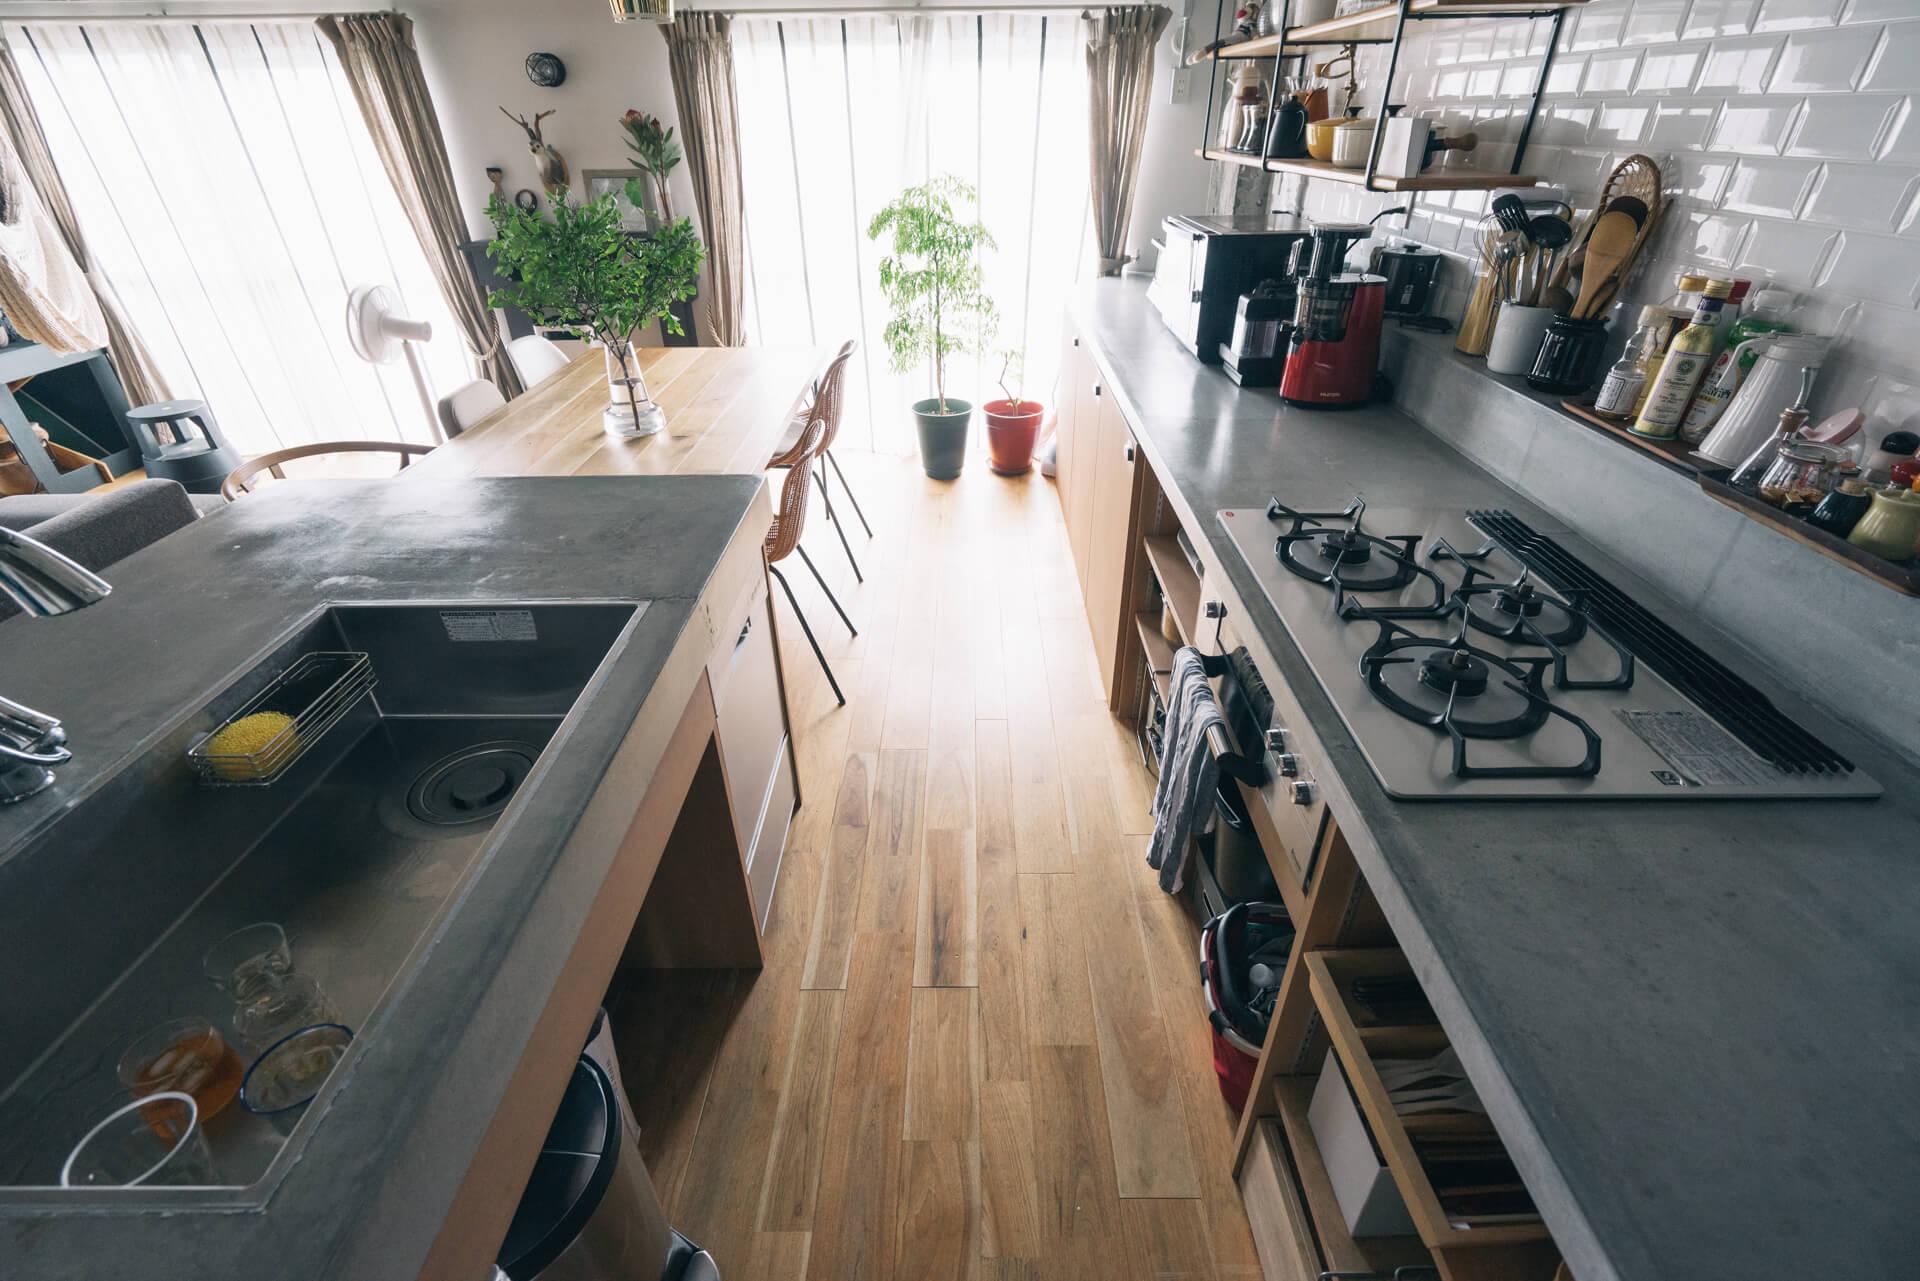 こだわりのⅡ型キッチン。シンク側は1mも奥行きがあって、たくさん器や料理を並べるのに便利そう。